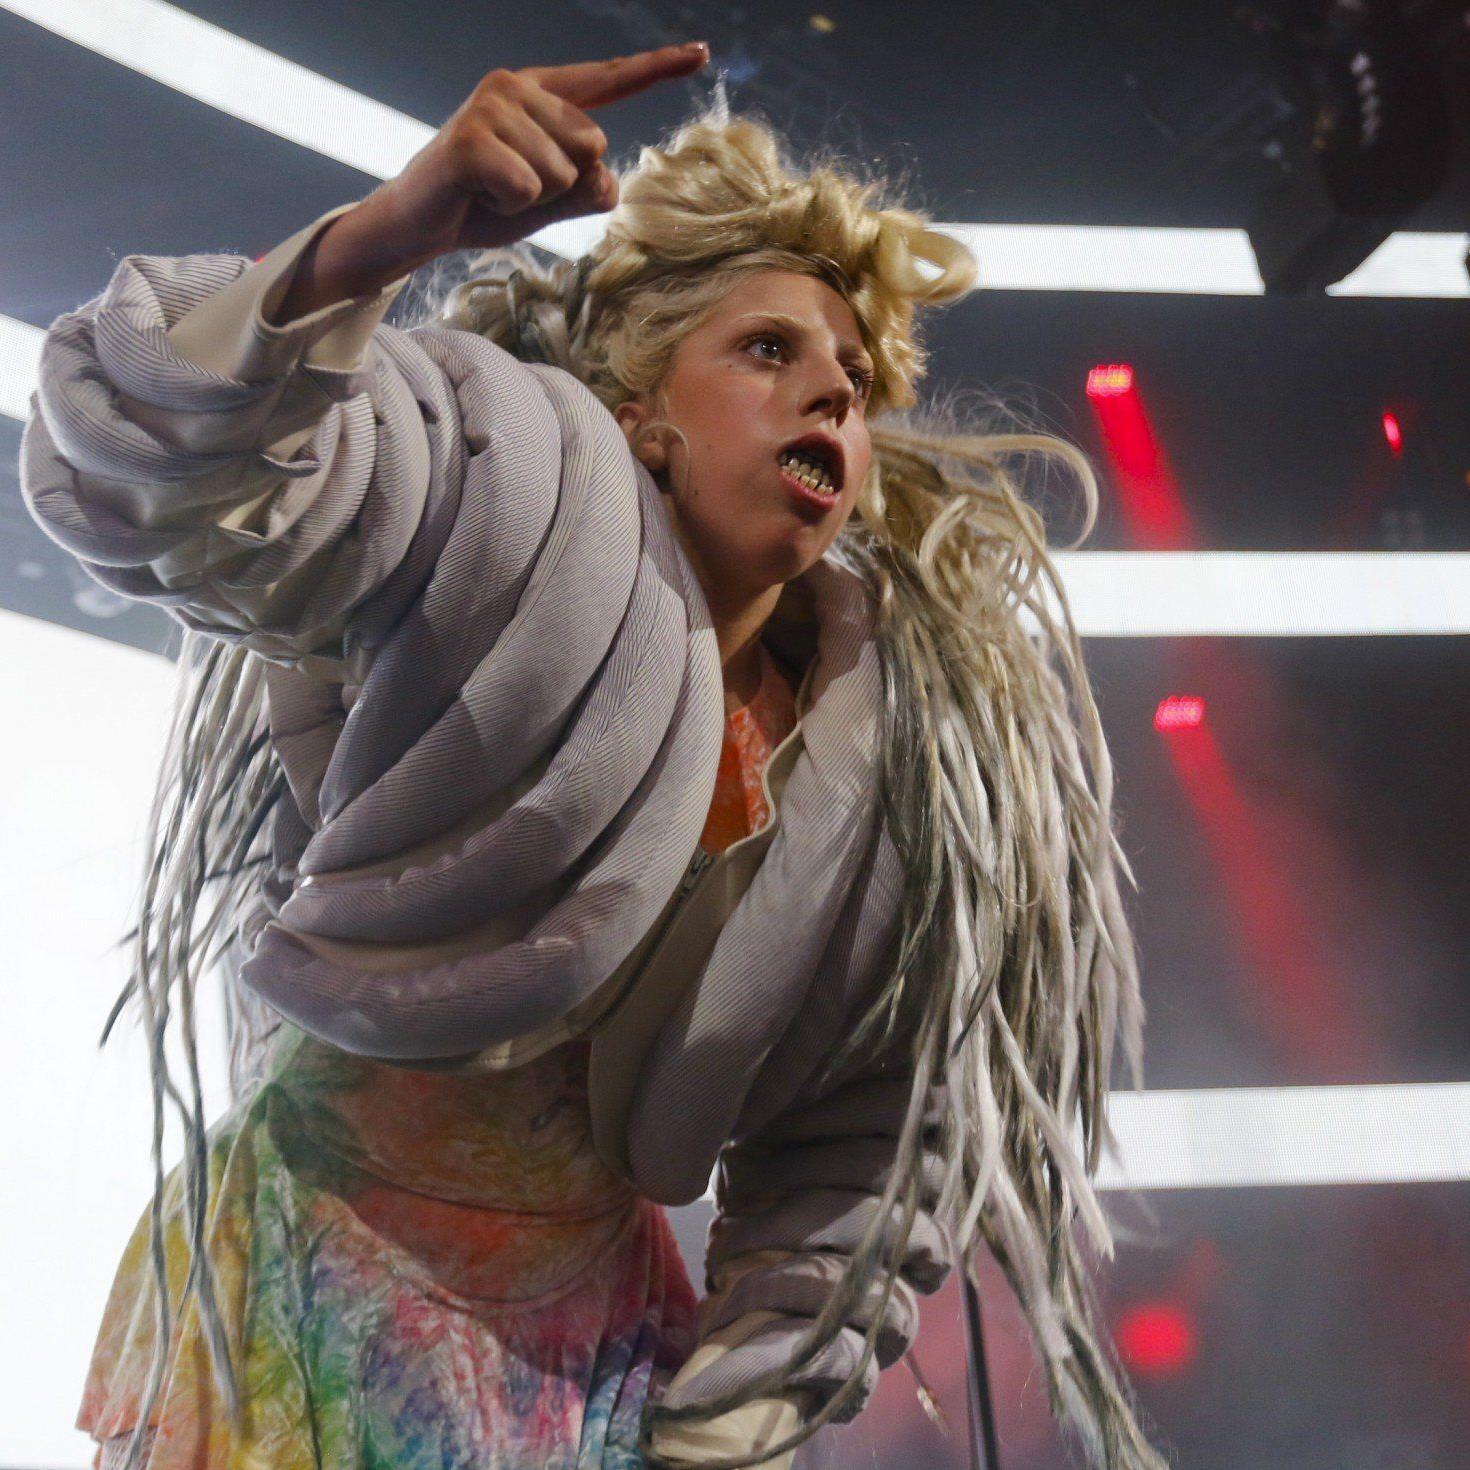 Lady Gaga während eines Auftrittes beim SXSW-Festival in Texas.